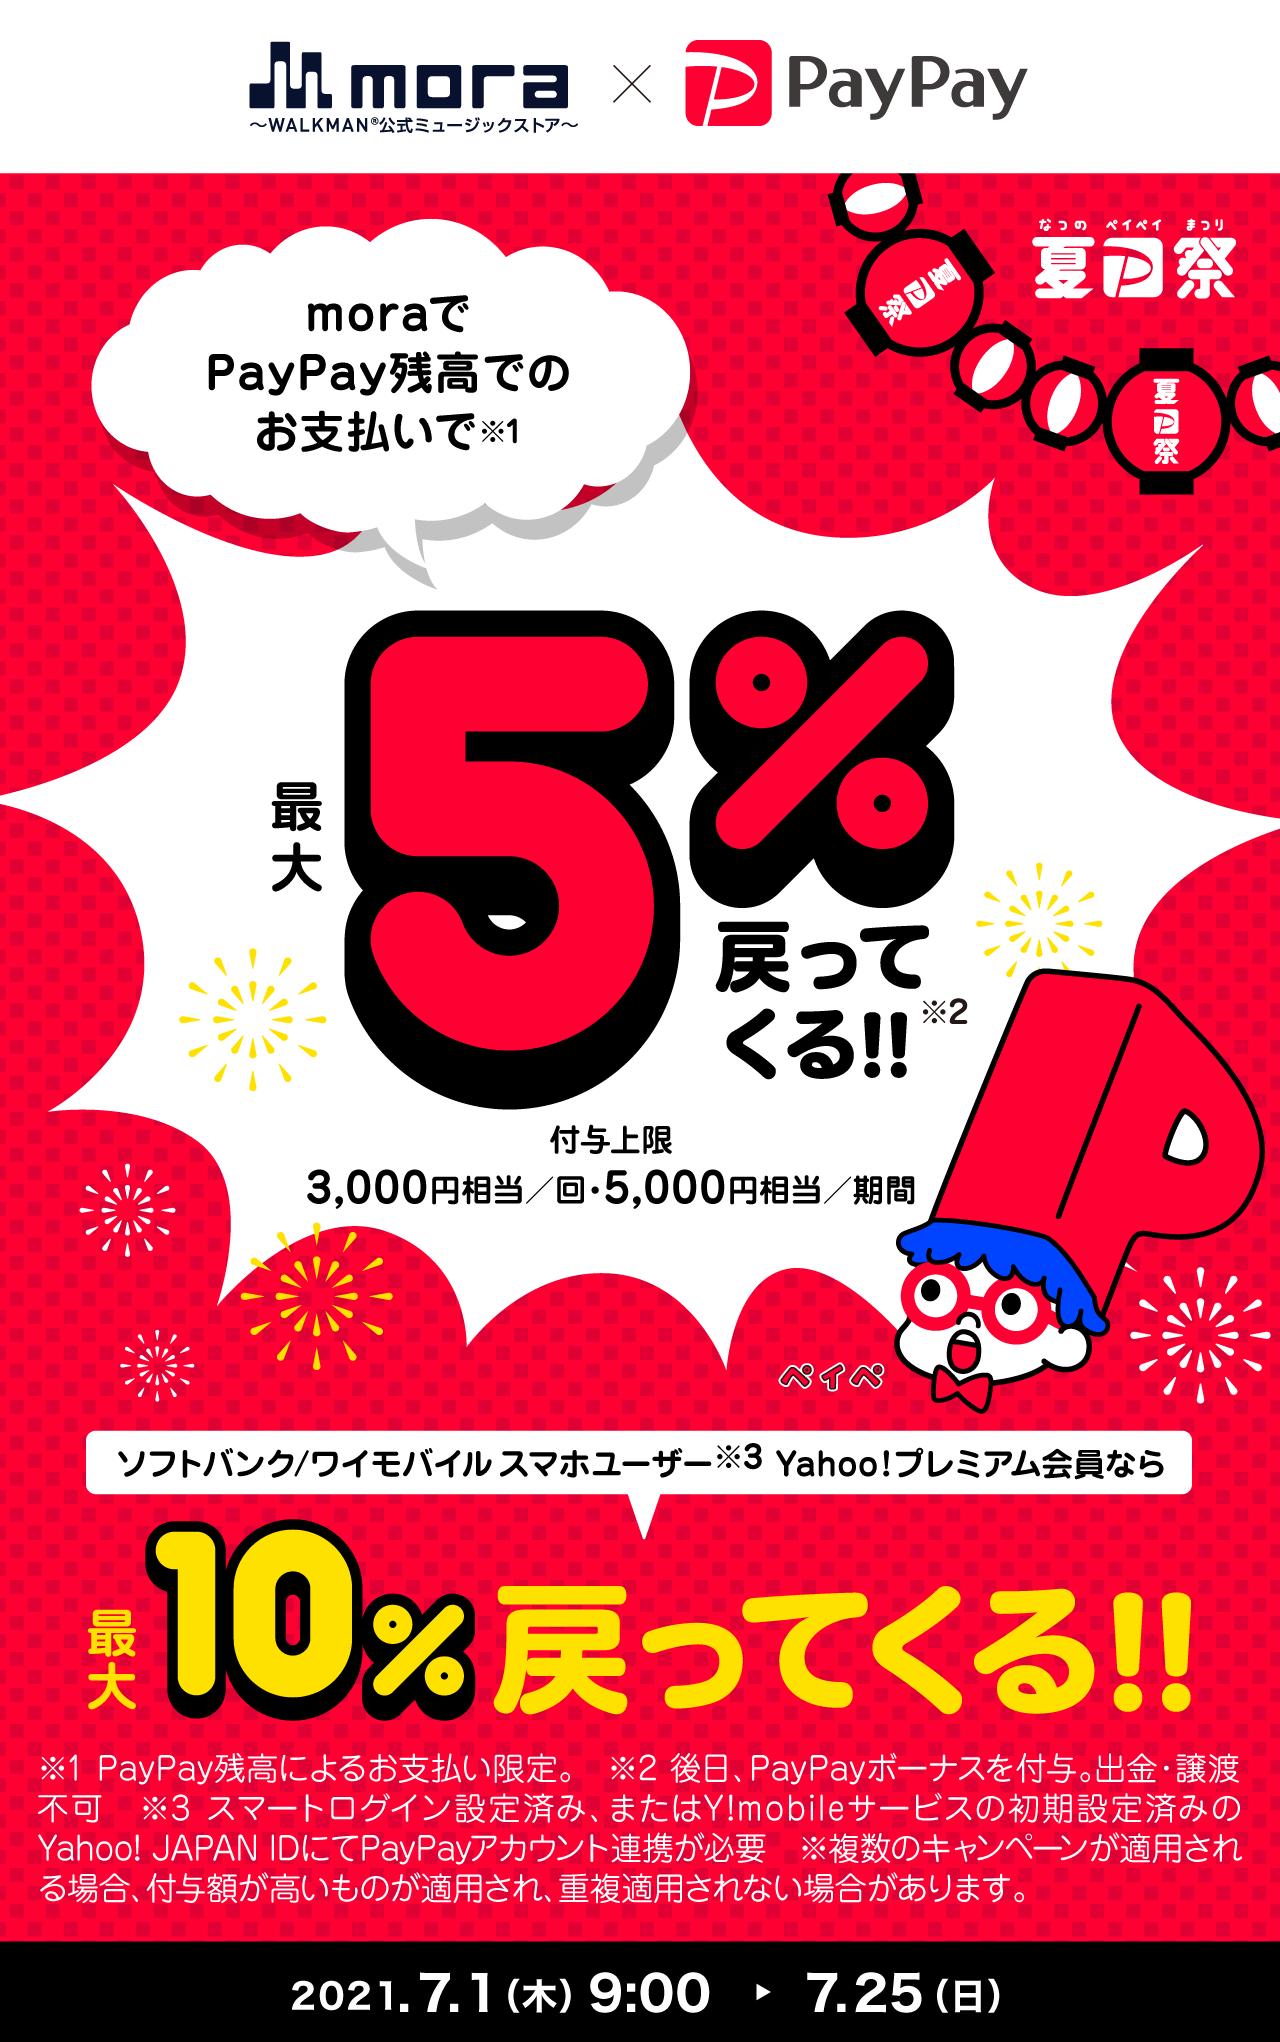 moraでPayPay残高でのお支払いで 最大5%戻ってくる!!